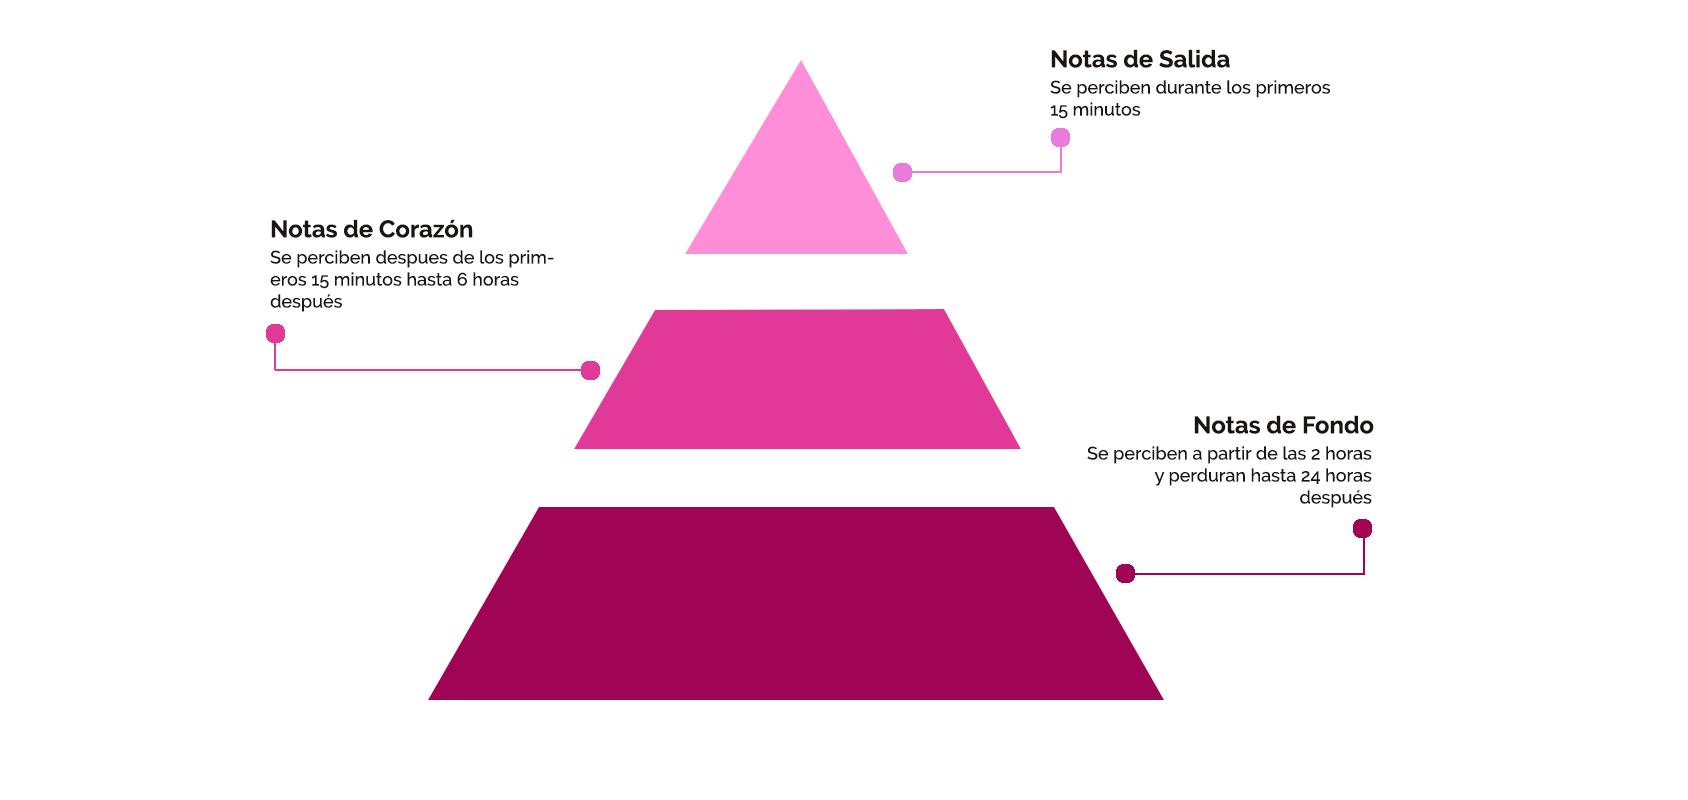 Qué es la pirámide olfativa y cómo utilizarla para elegir un perfume